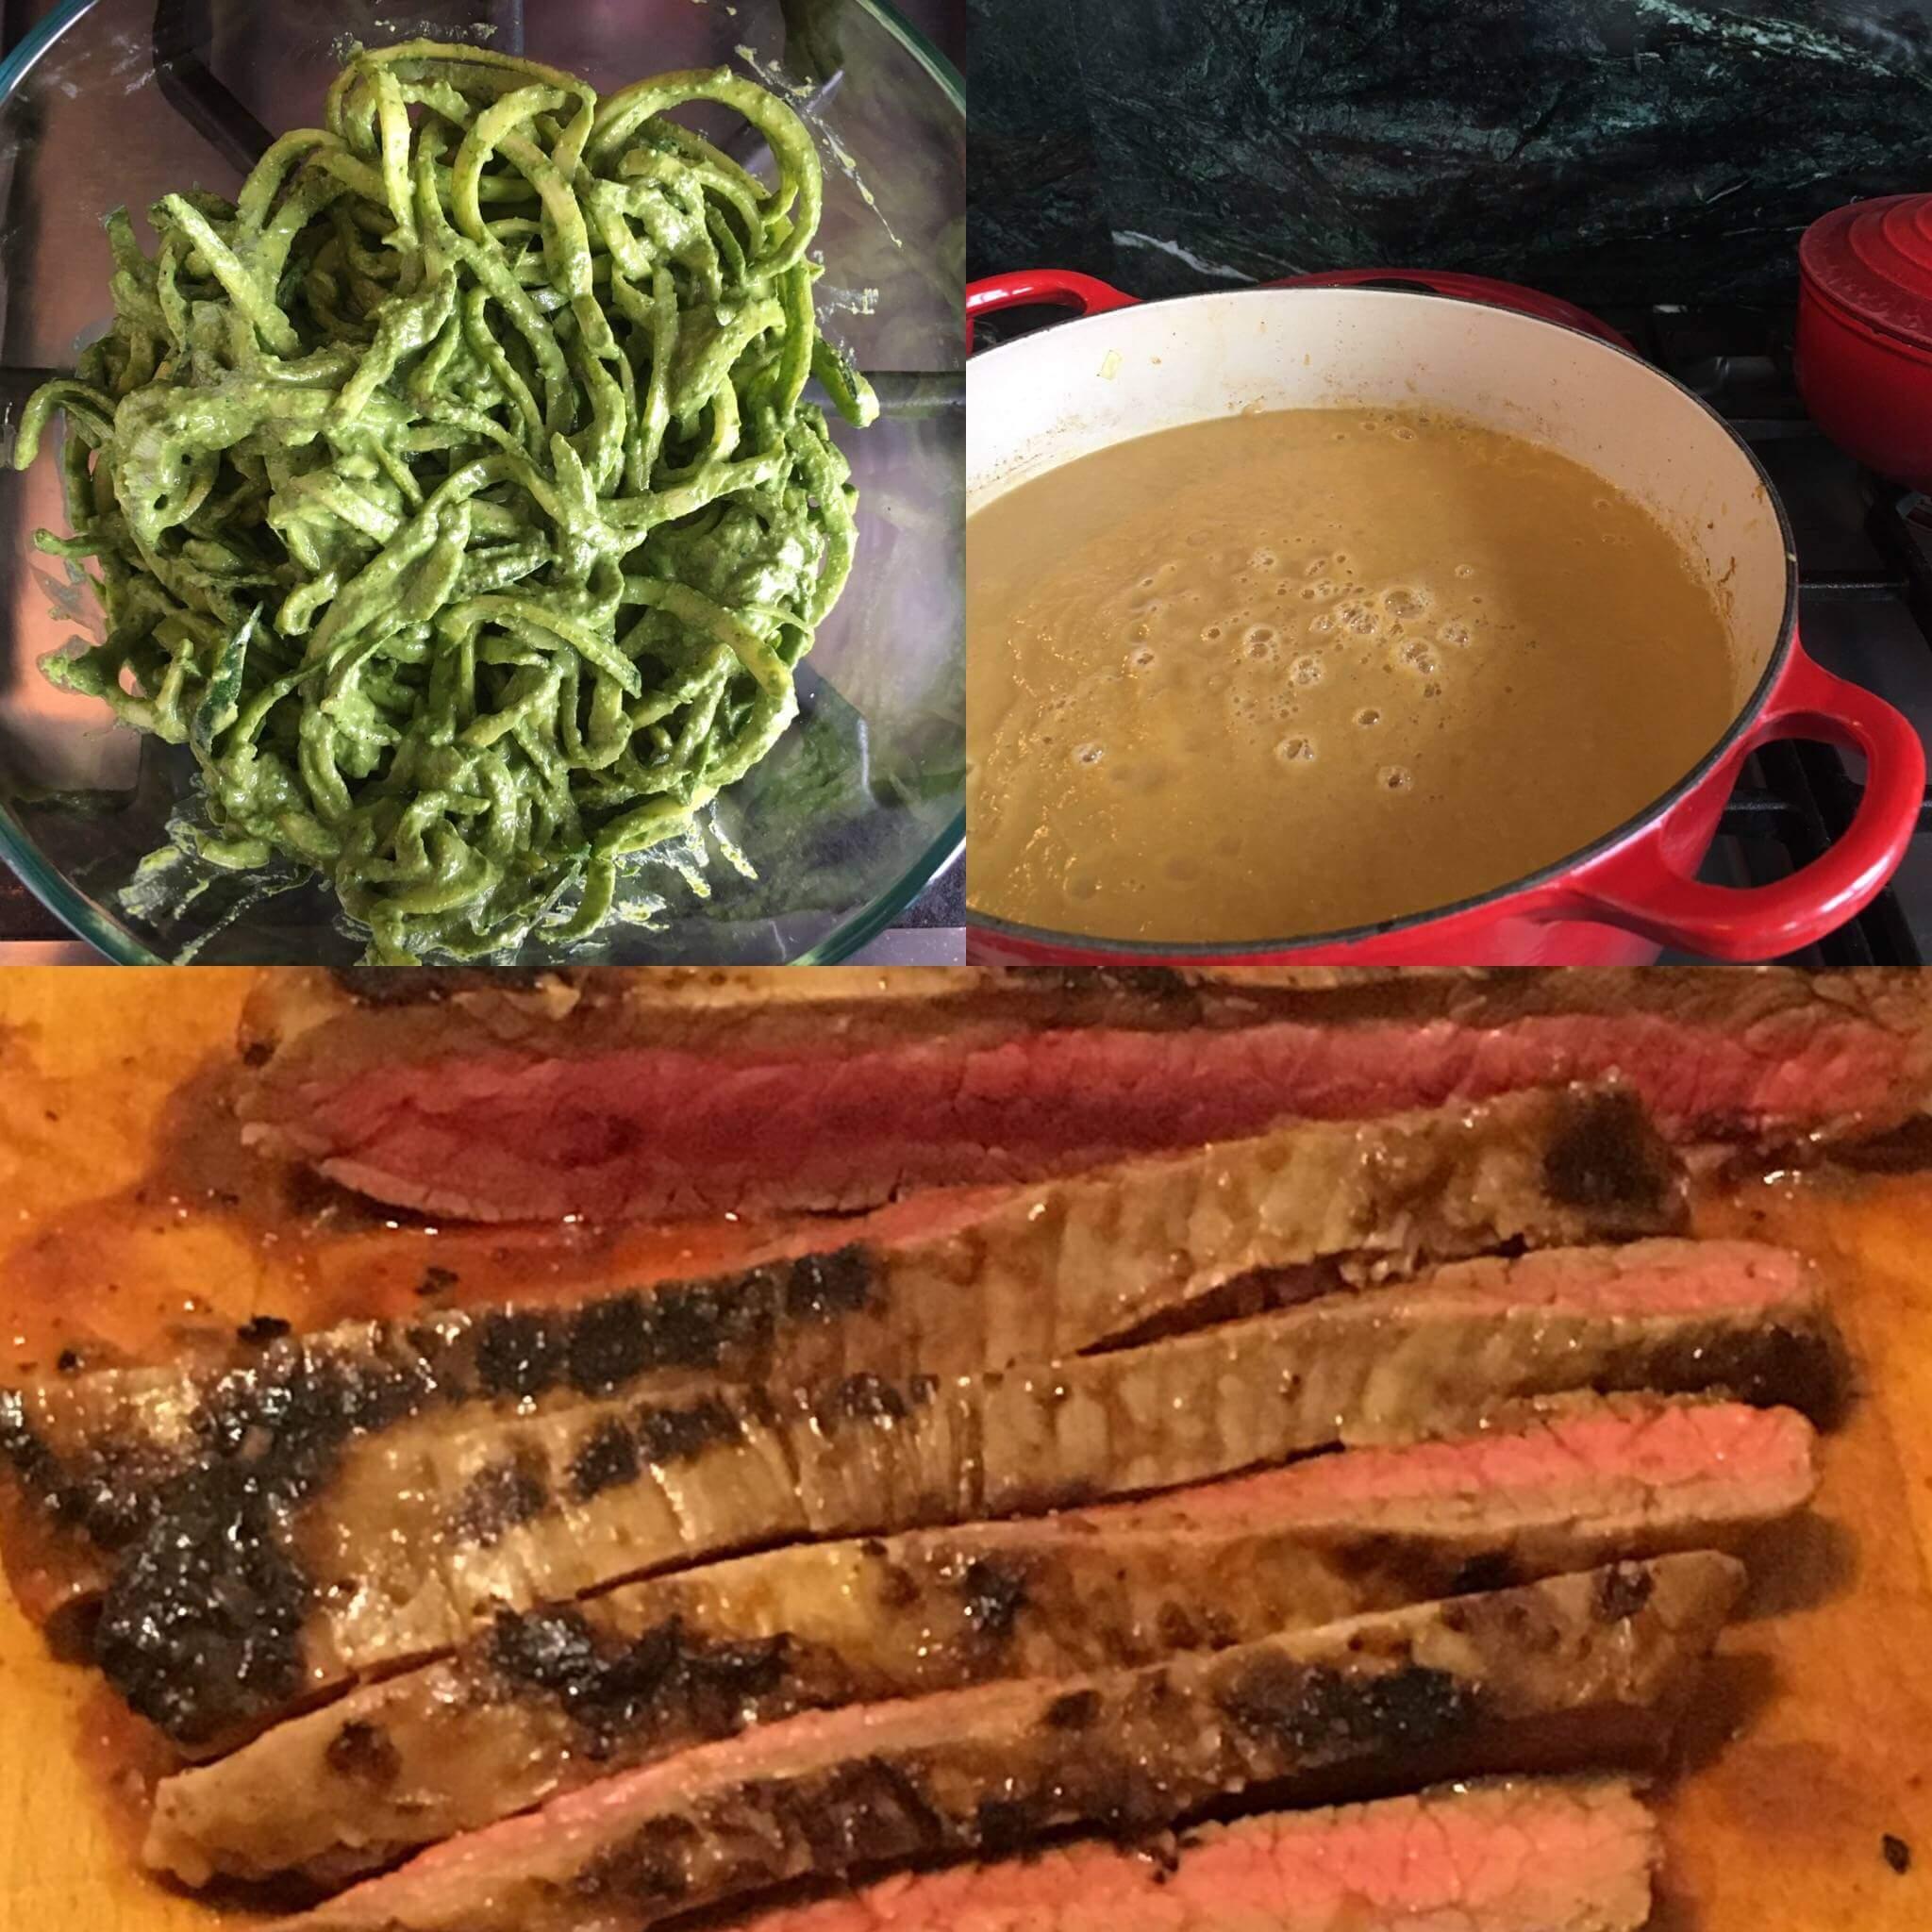 Weekly Recipe Round-Up: Flank Steak, Spinach Walnut Pesto, Curry Cauliflower Soup